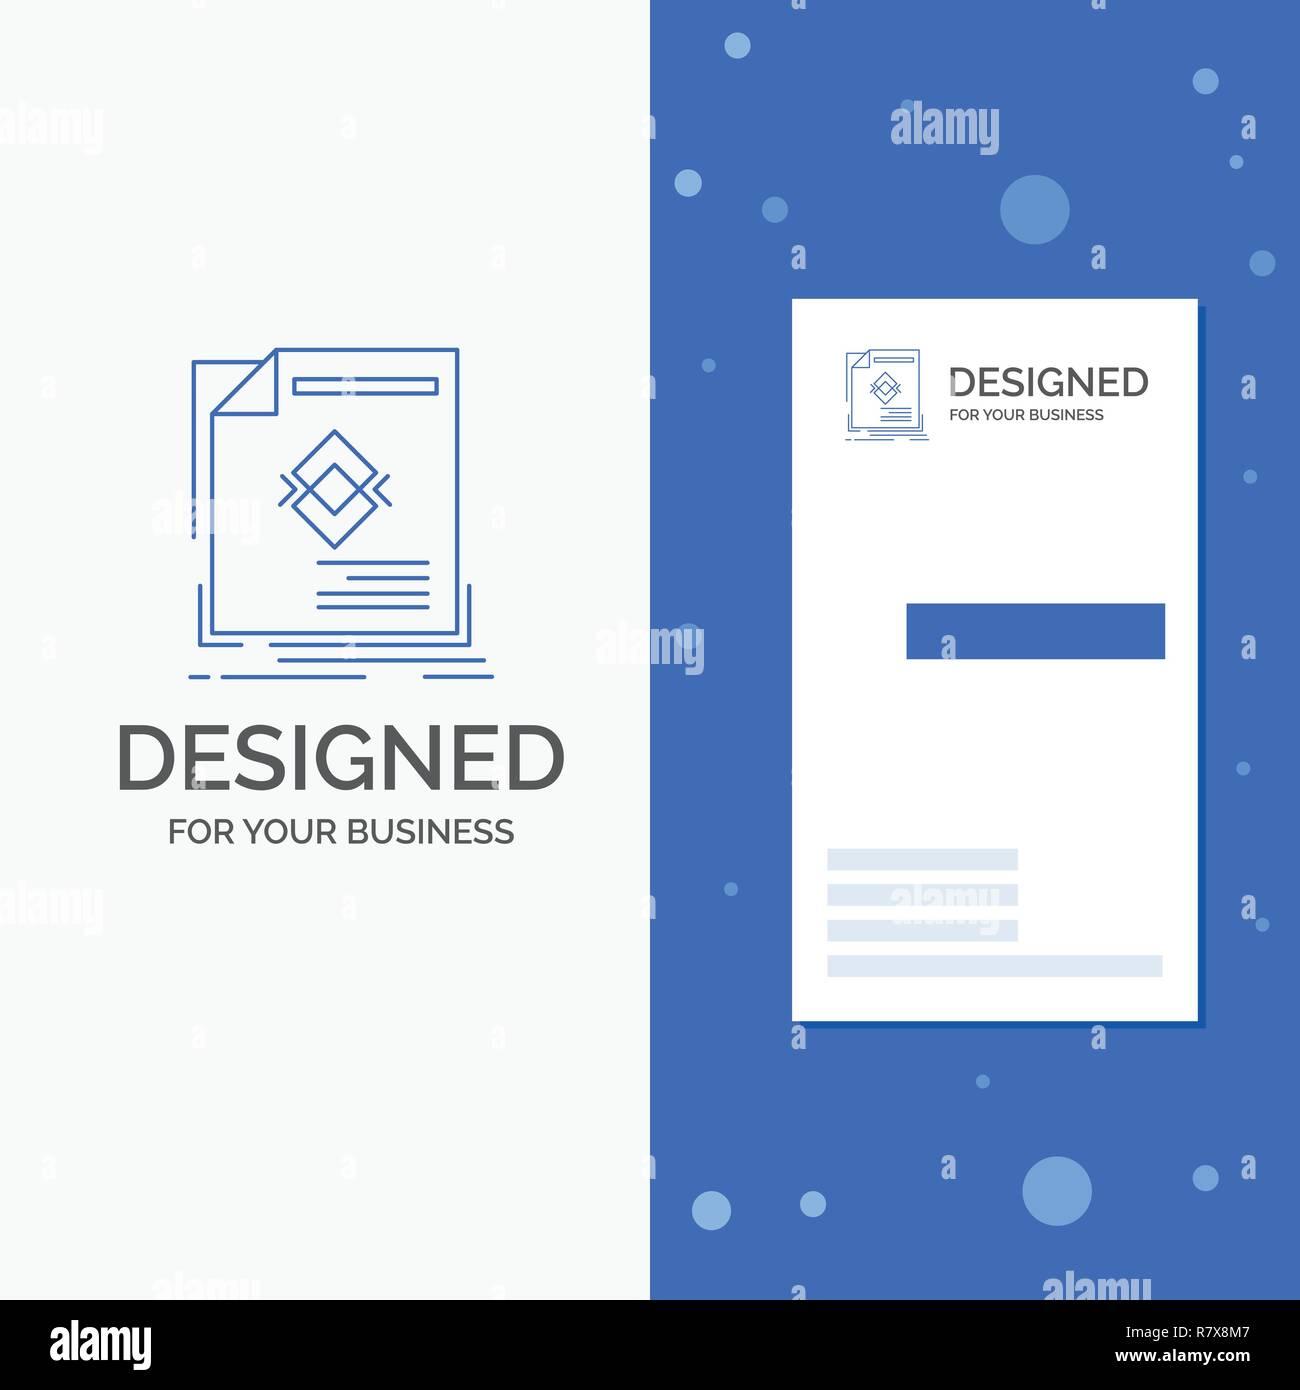 Logo Dentreprise Pour Votre Annonce Publicite Depliant Magazine Page Bleu Vertical Affaires Modele De Carte Visite